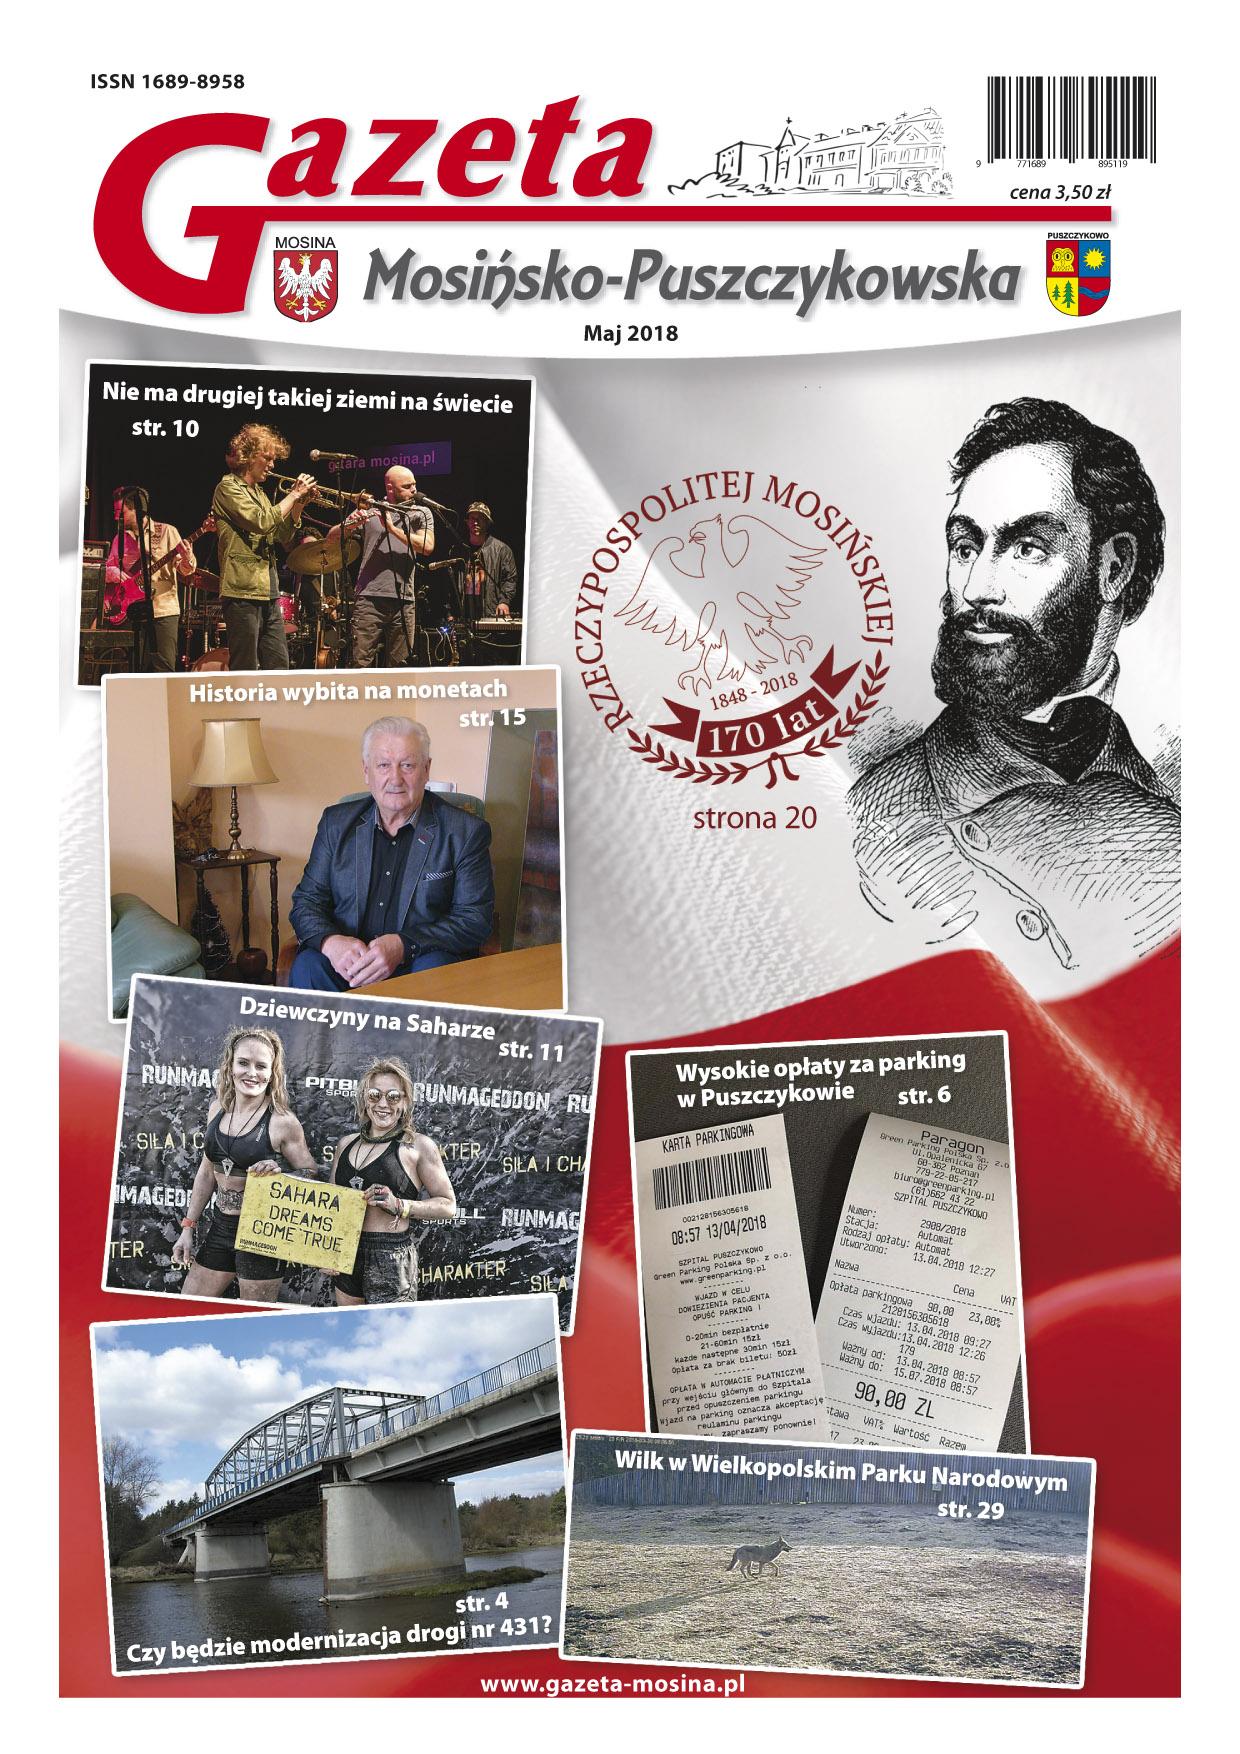 majowe wydanie Gazety Mosińsko-Puszczykowskiej